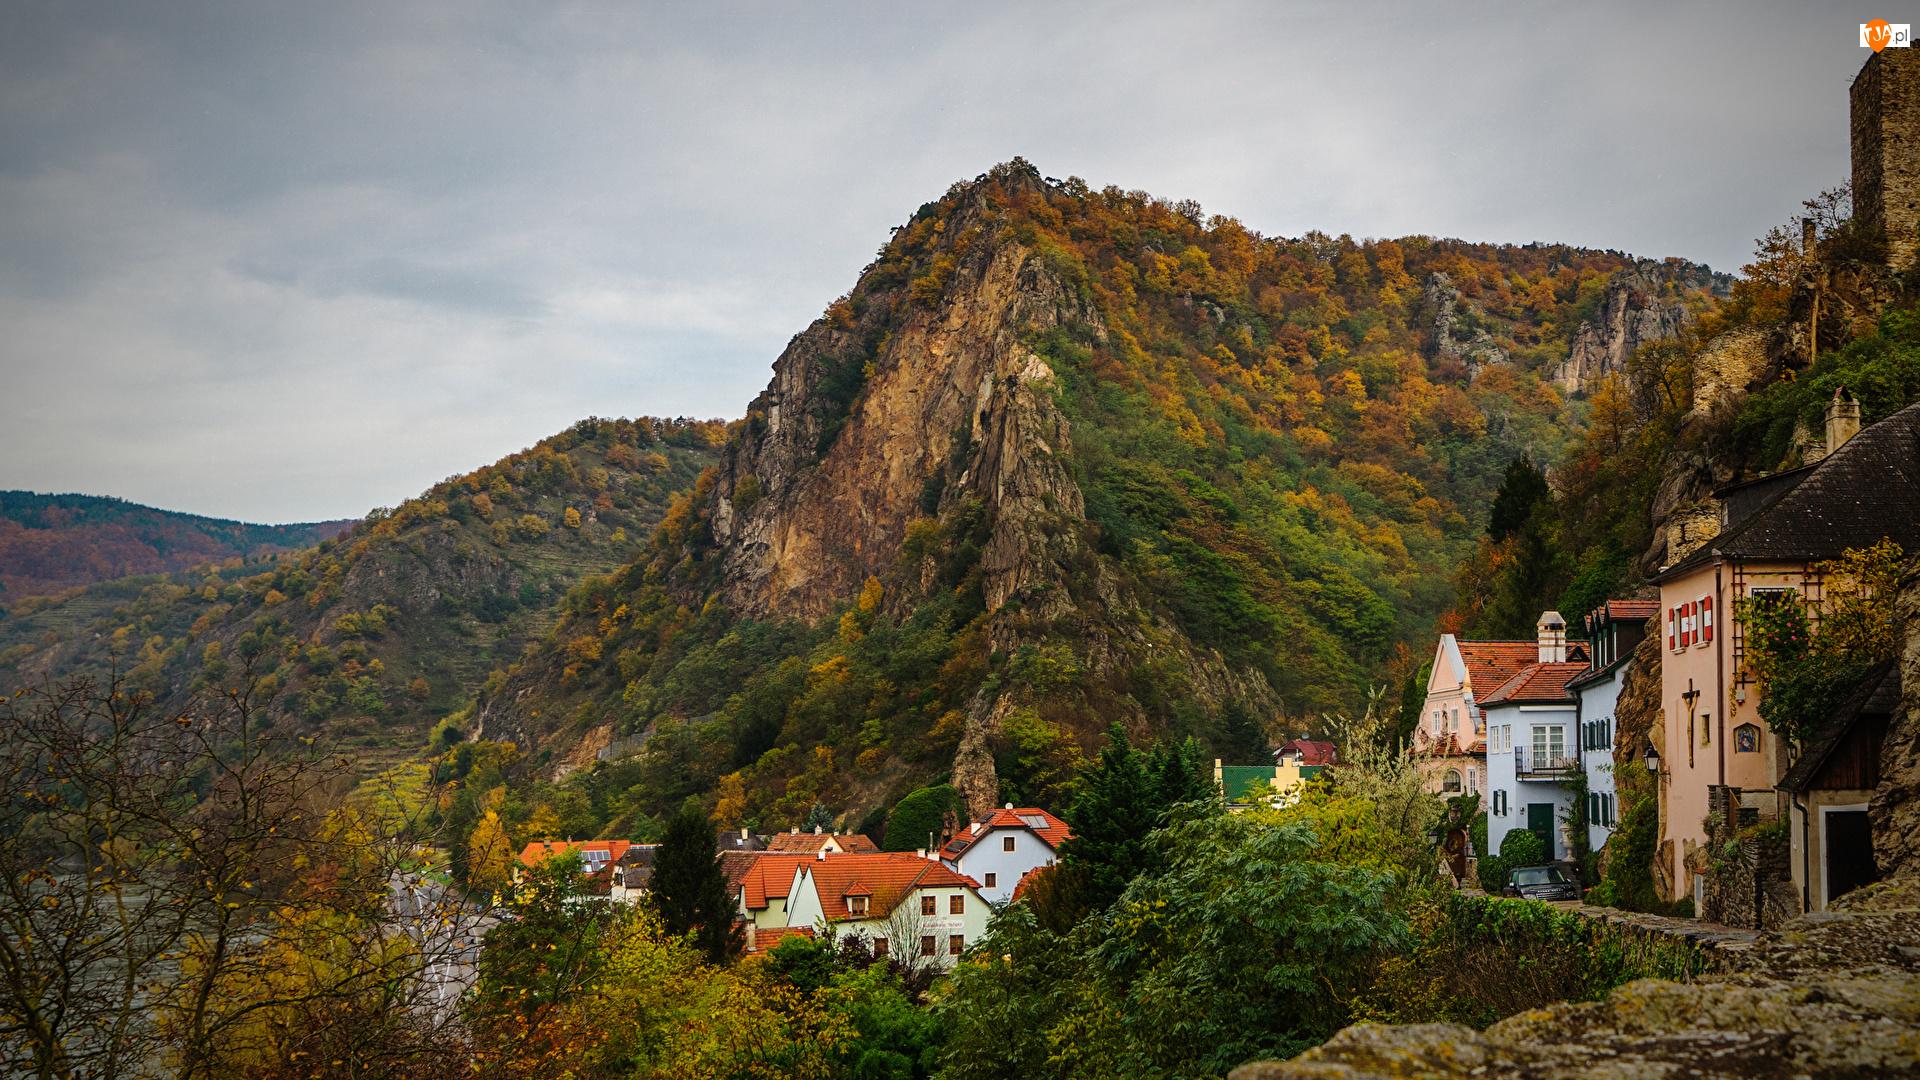 Lasy, Drzewa, Austria, Góry, Durnstein, Domy, Jesień